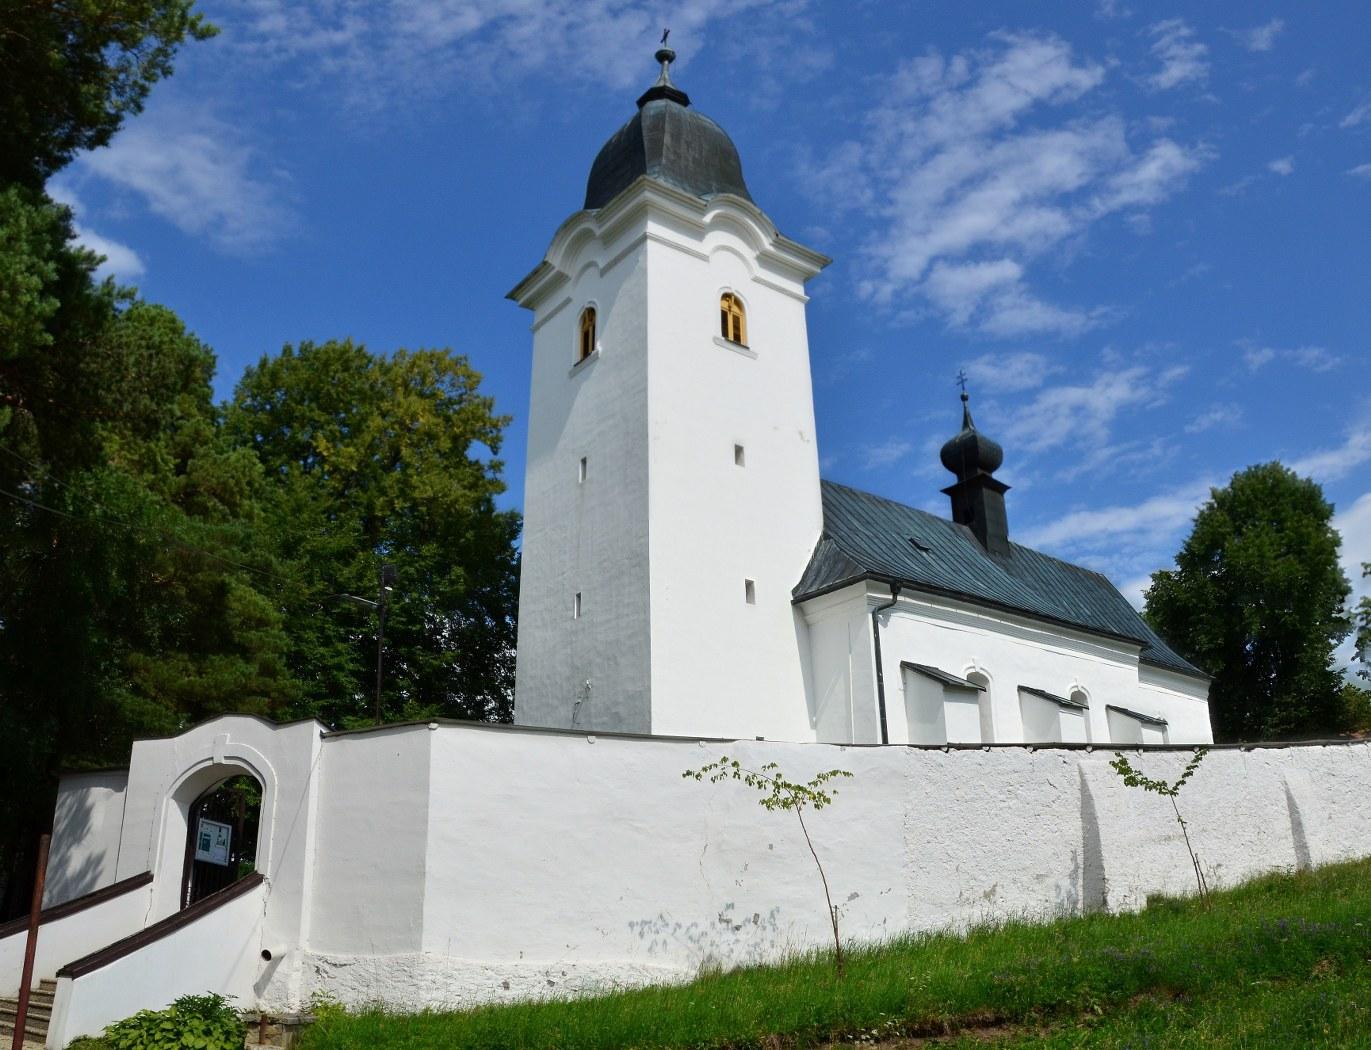 římskokatolický kostel sv. Martina zTours